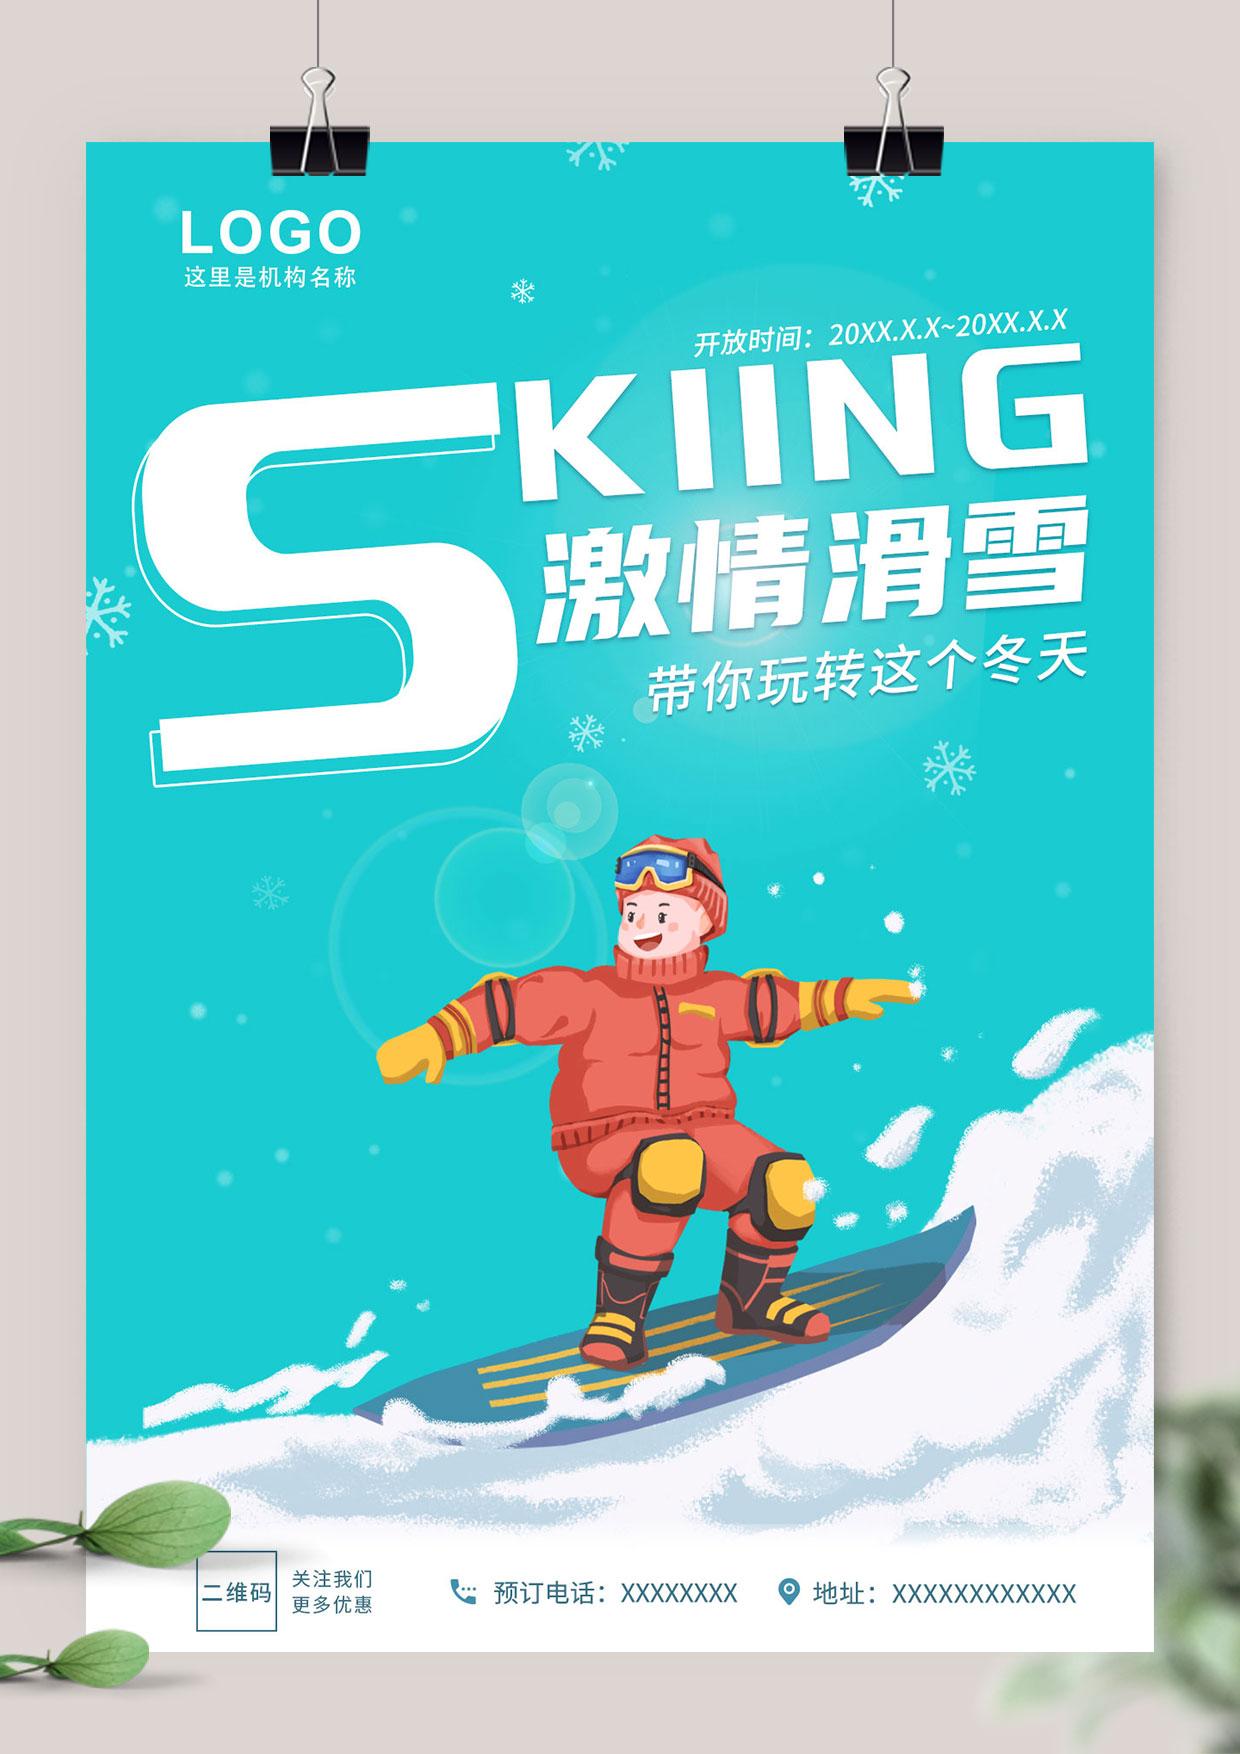 冬季滑雪户外运动活动宣传海报